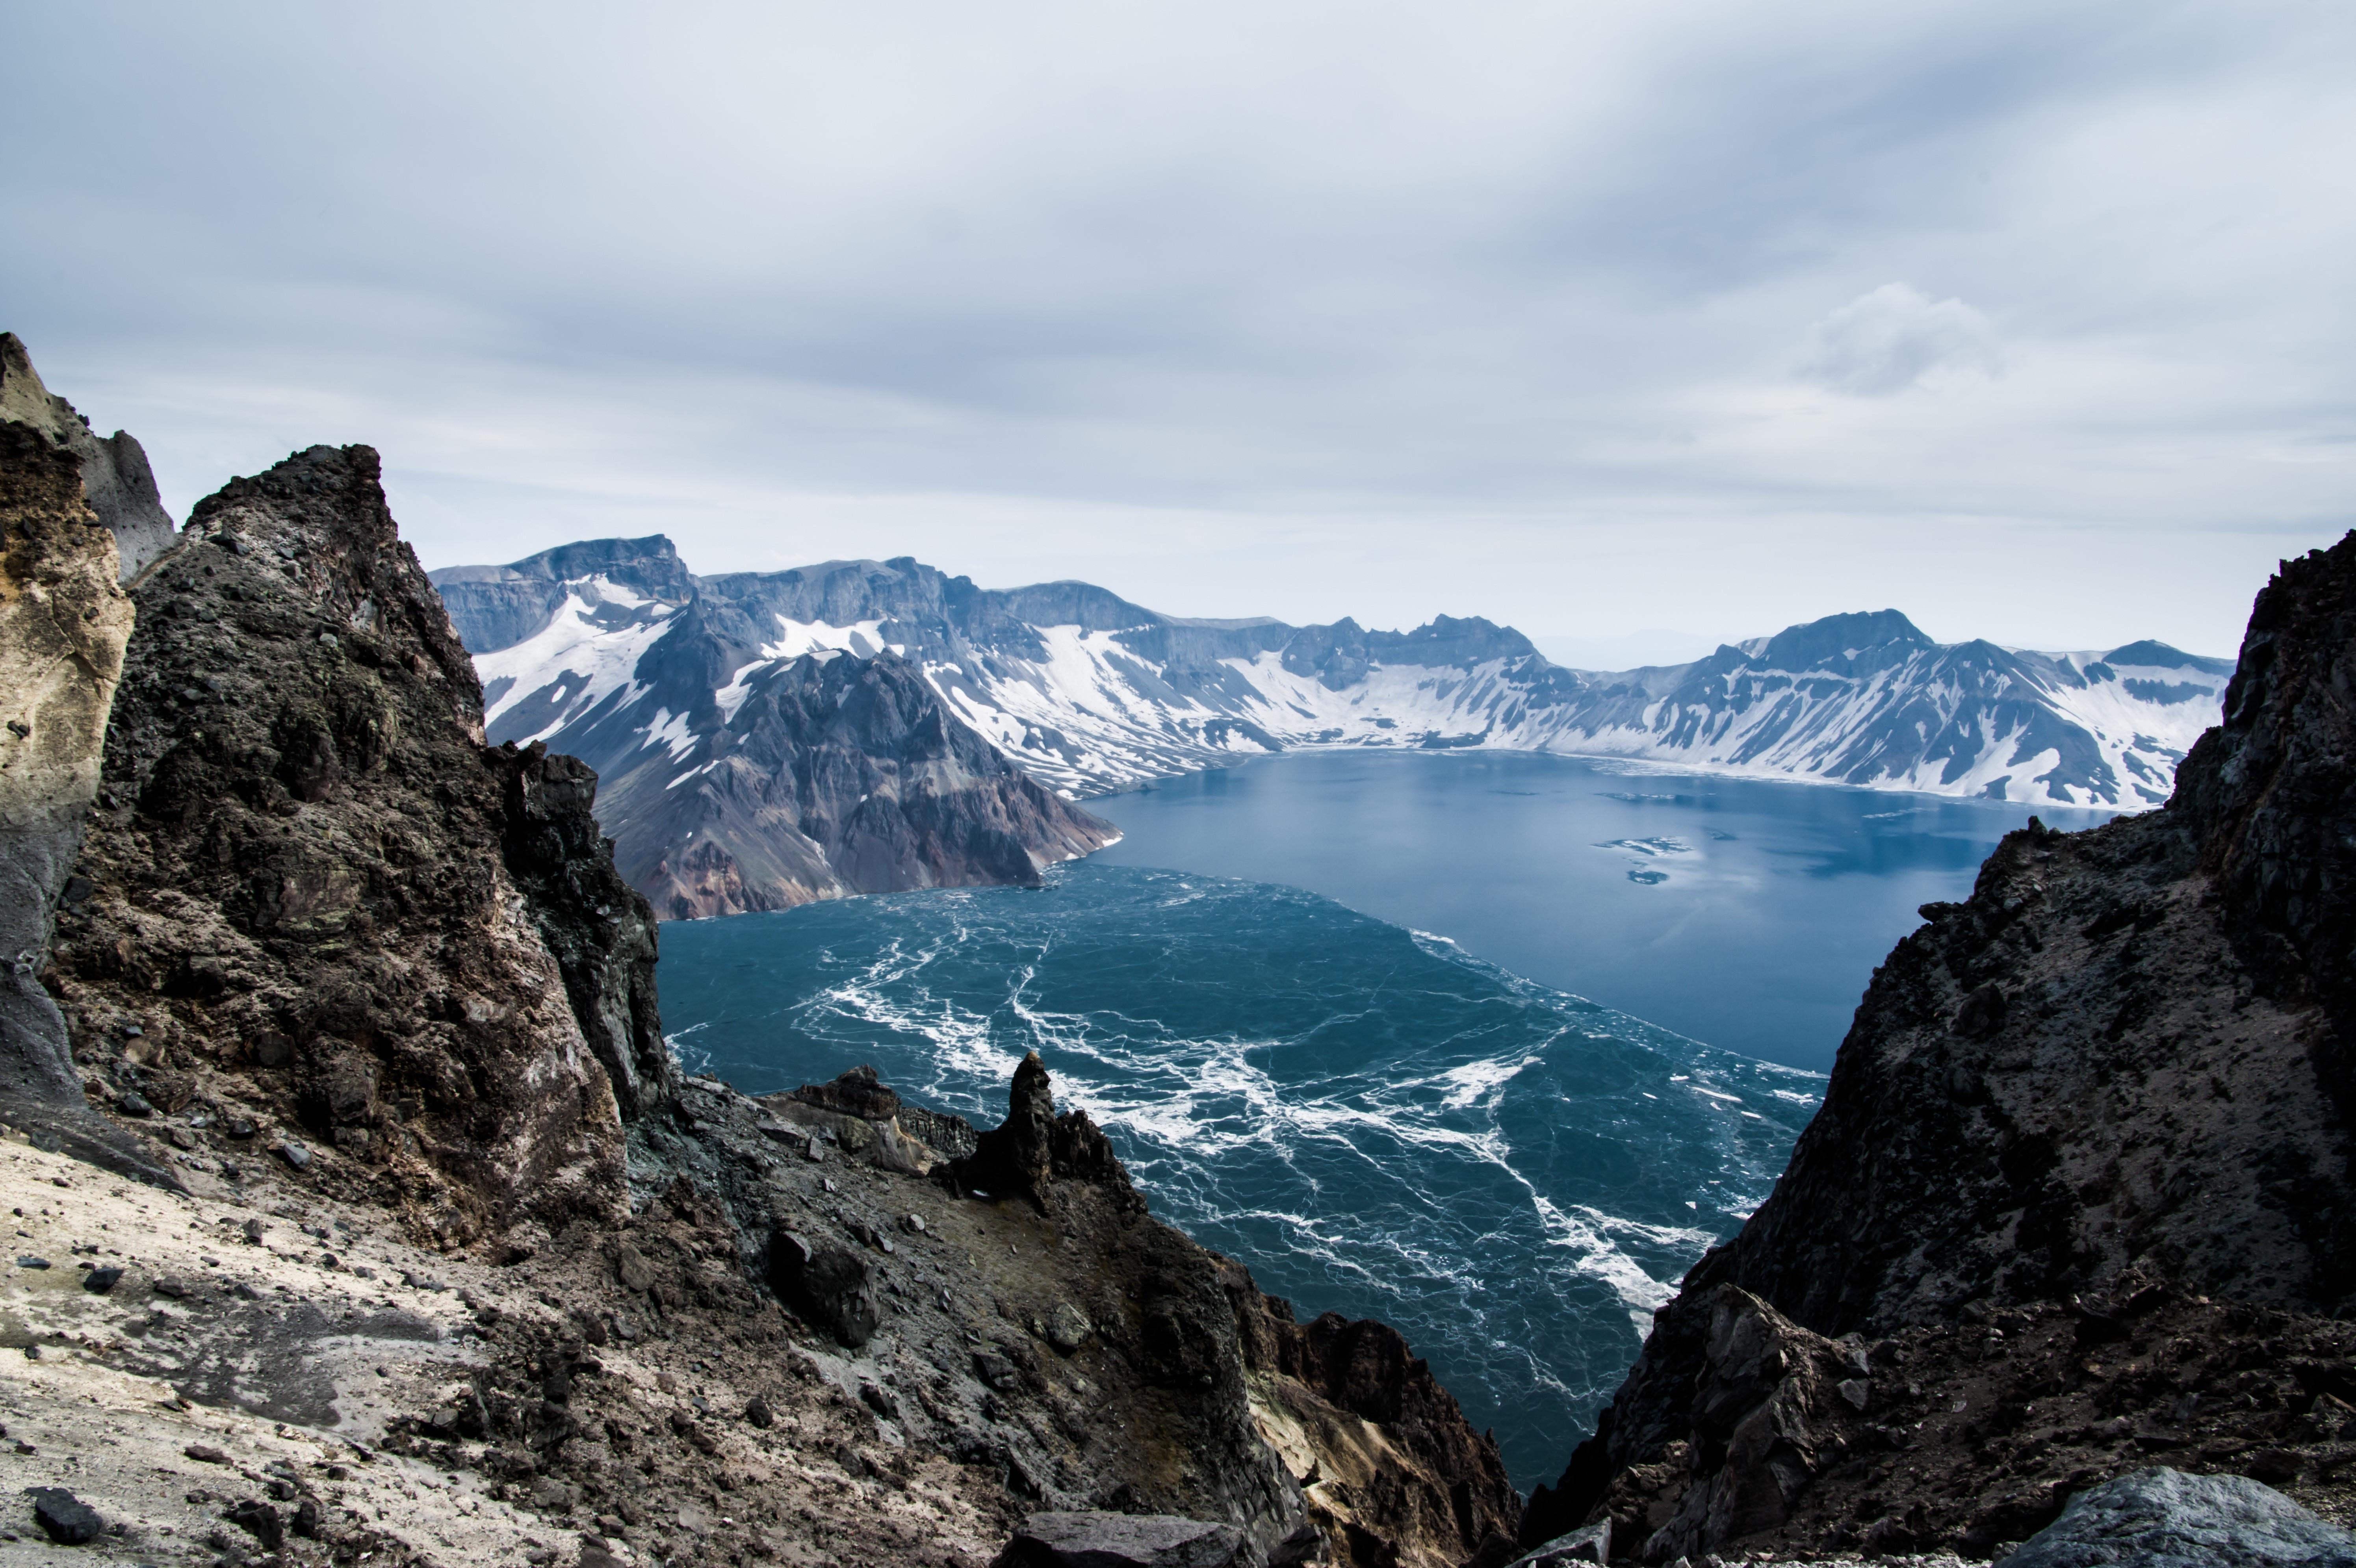 长春、长白山西北坡、红旗村、镜泊湖5日跟团游深度游长白山,体验长白山温泉